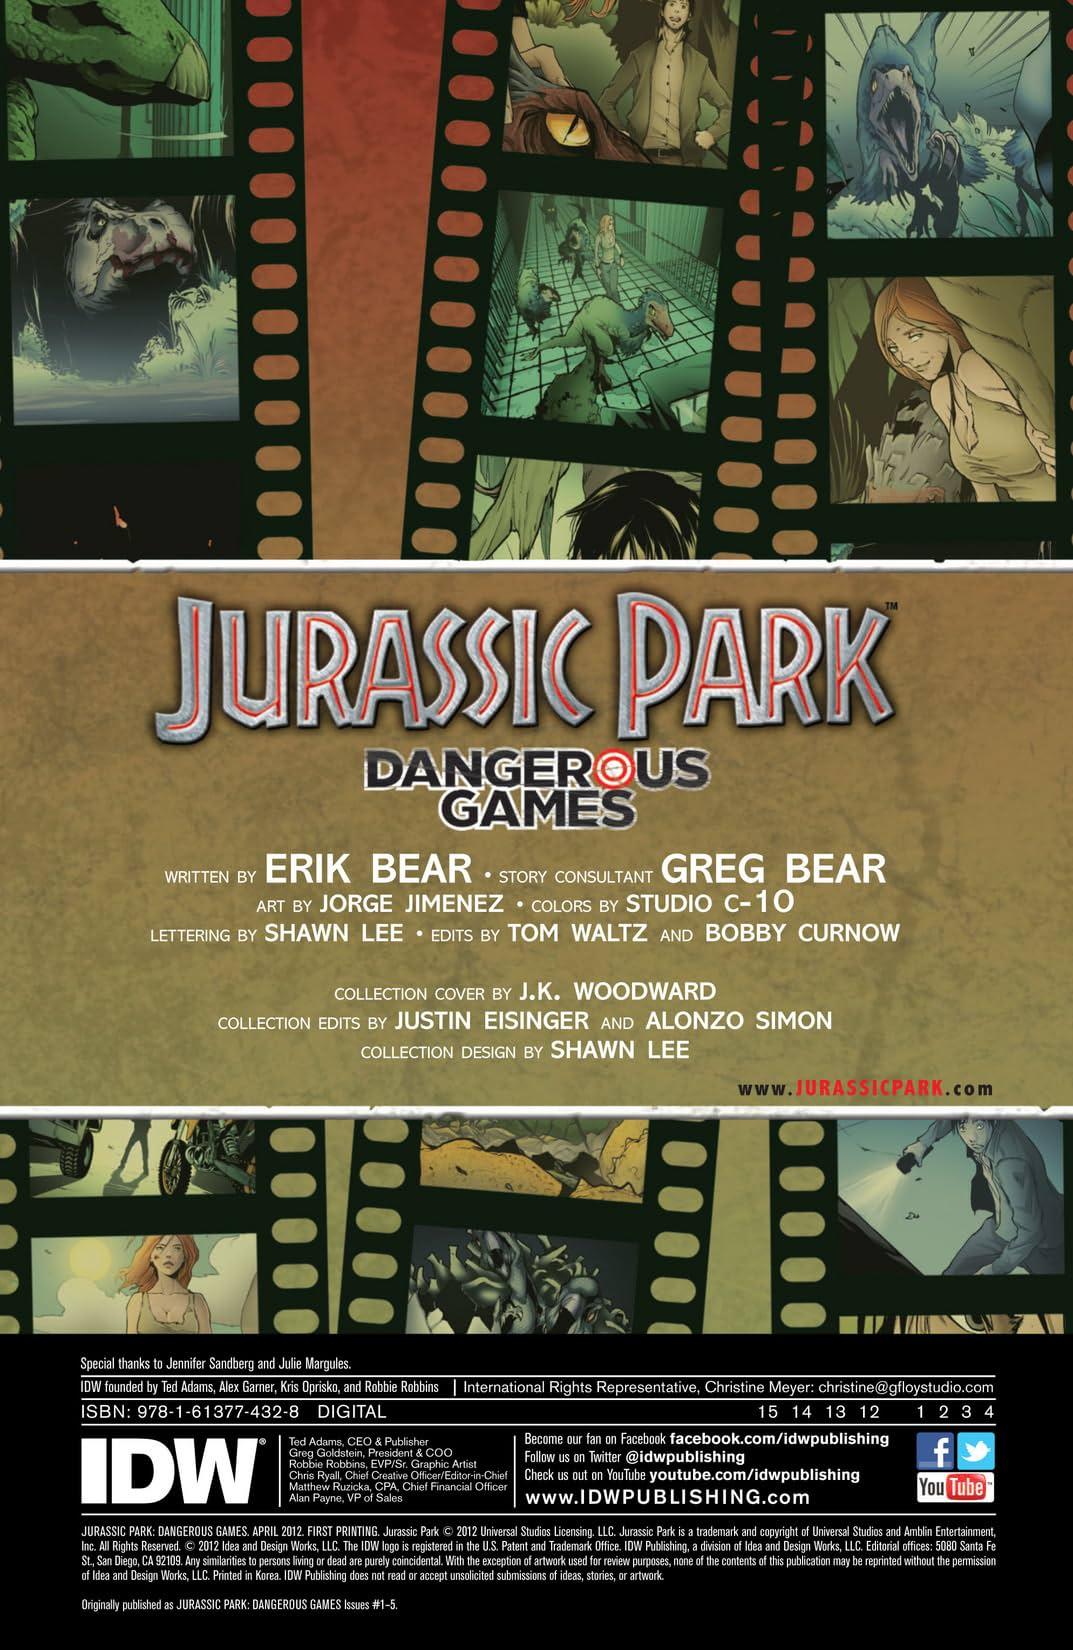 Jurassic Park: Dangerous Games